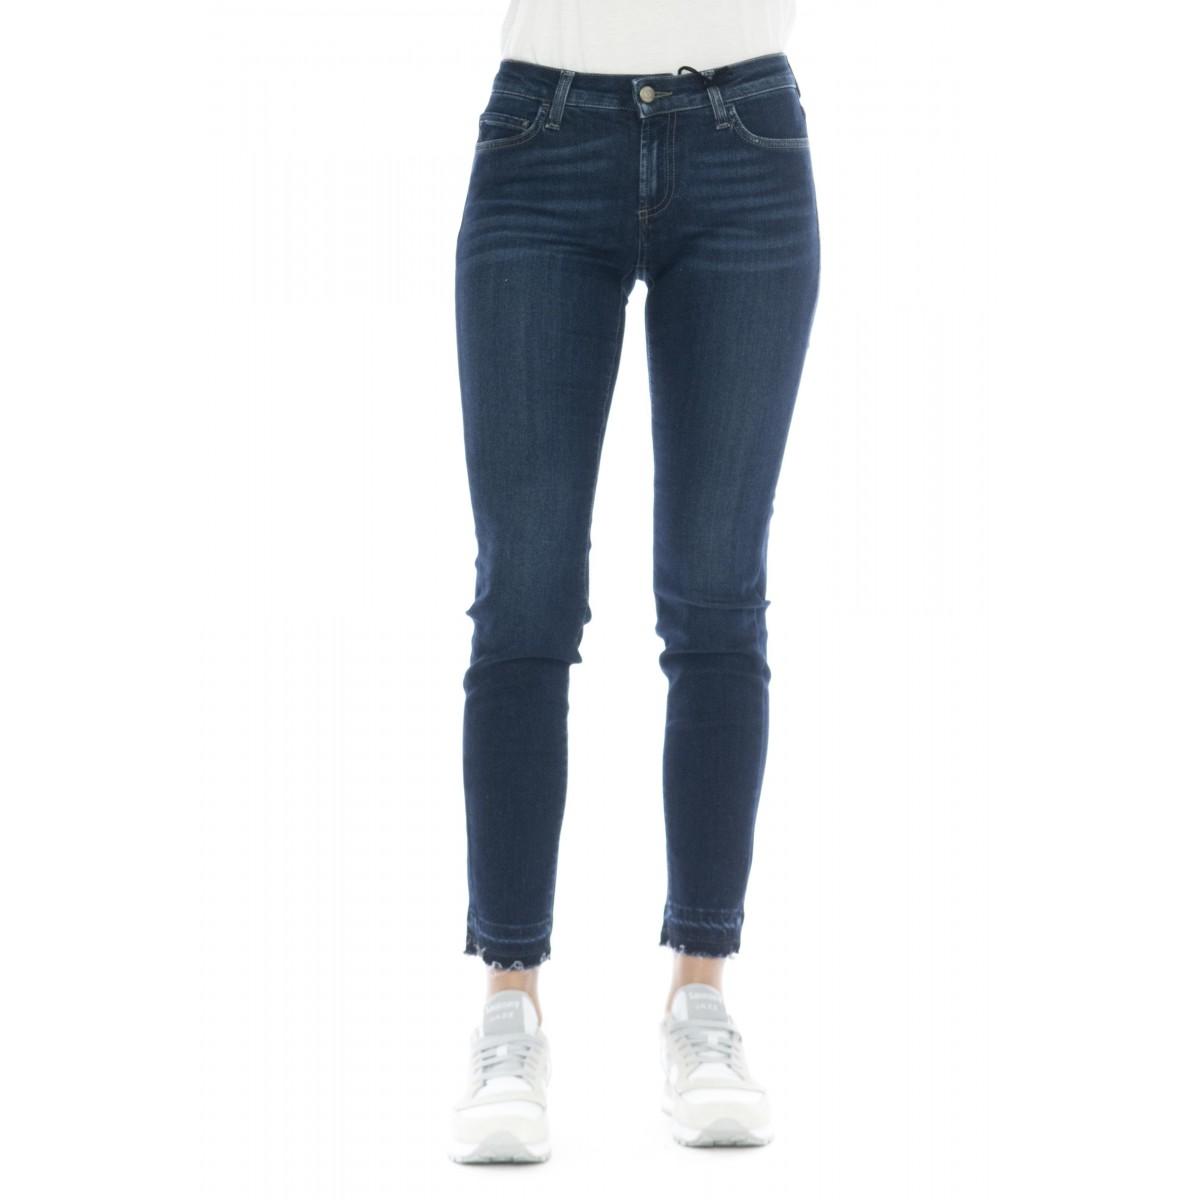 Jeans - Cate cut frick